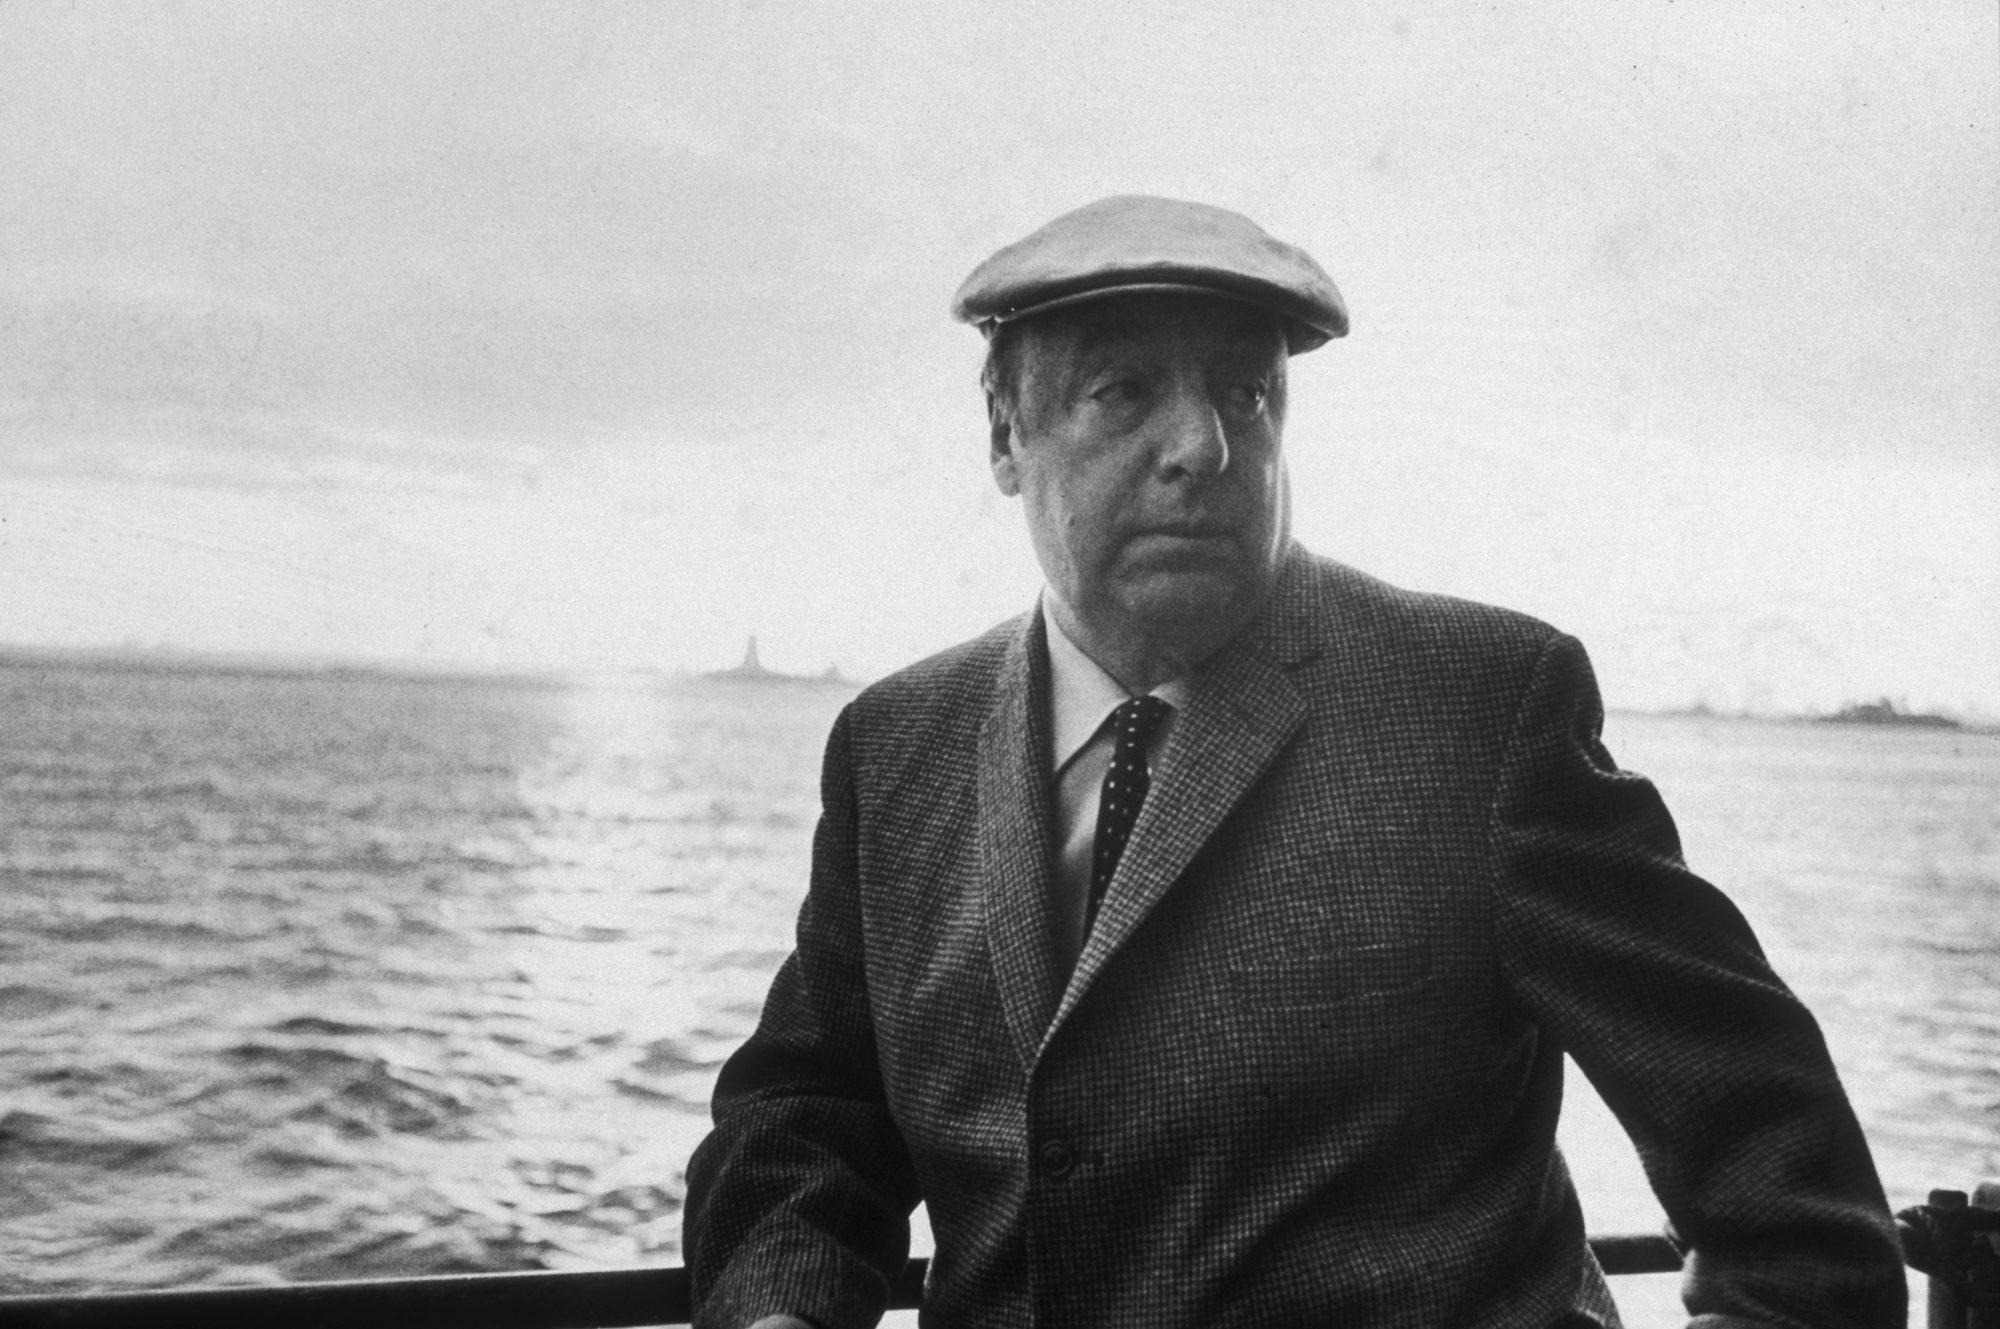 Para el gran Gabriel García Márquez, Pablo Neruda fue el mejor poeta que tuvo el siglo XX y es seguro que millones de amantes de la poesía opinan lo mismo. No es para menos, pues composiciones como Me gustas cuando callas hacen parte de las poesías más reconocidas de la historia. Su compilación 20 poemas de amor y una canción desesperada es otra de esas grandes obras que todos los latinos debemos tener en nuestra biblioteca.